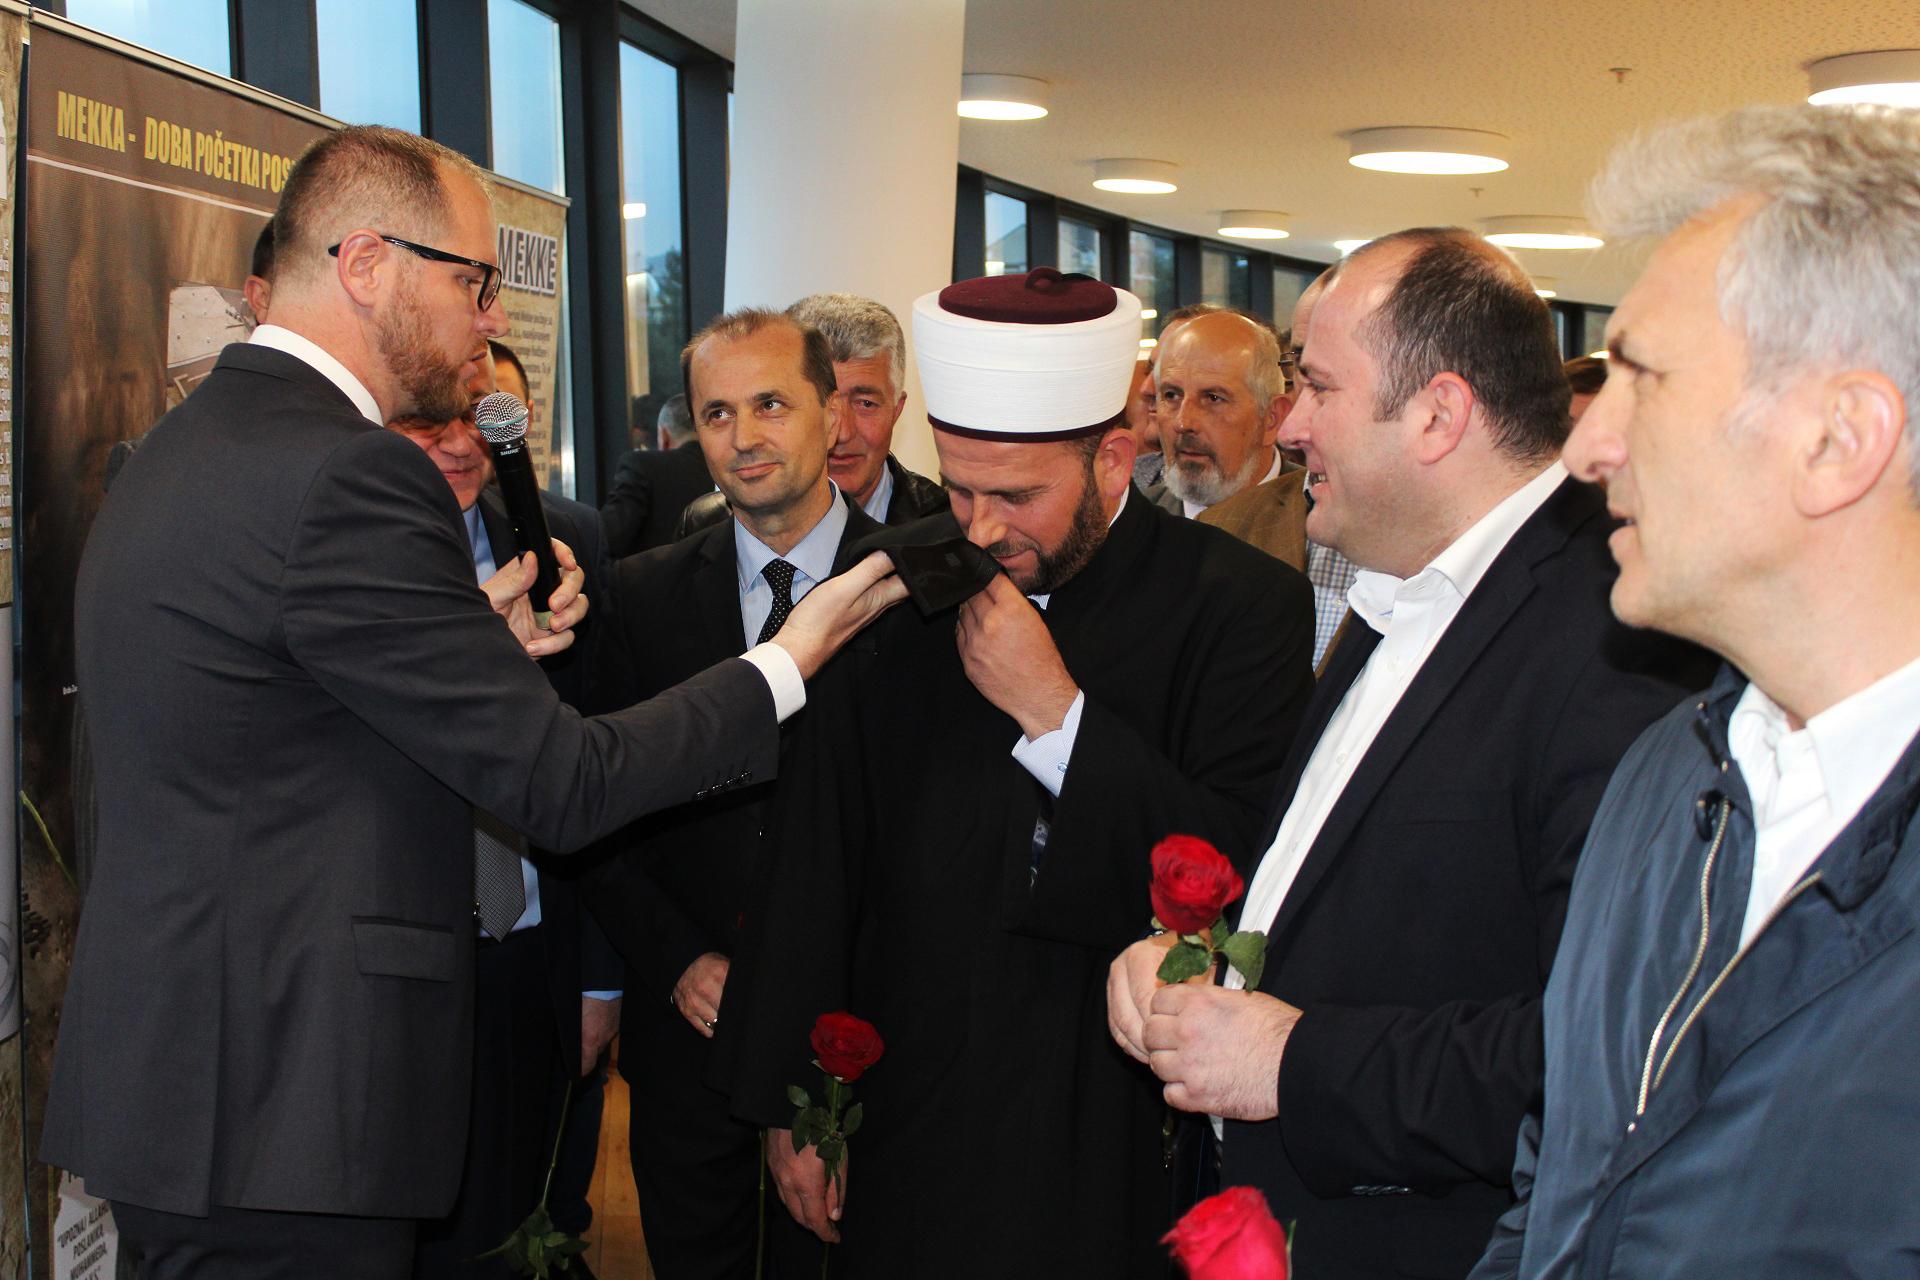 Autor izložbe doc. dr. Esmir Halilović pokazuje Kisvu, dio ogrtača Kabe Reisul-ulemi i ministru Pavlu Goranoviću.